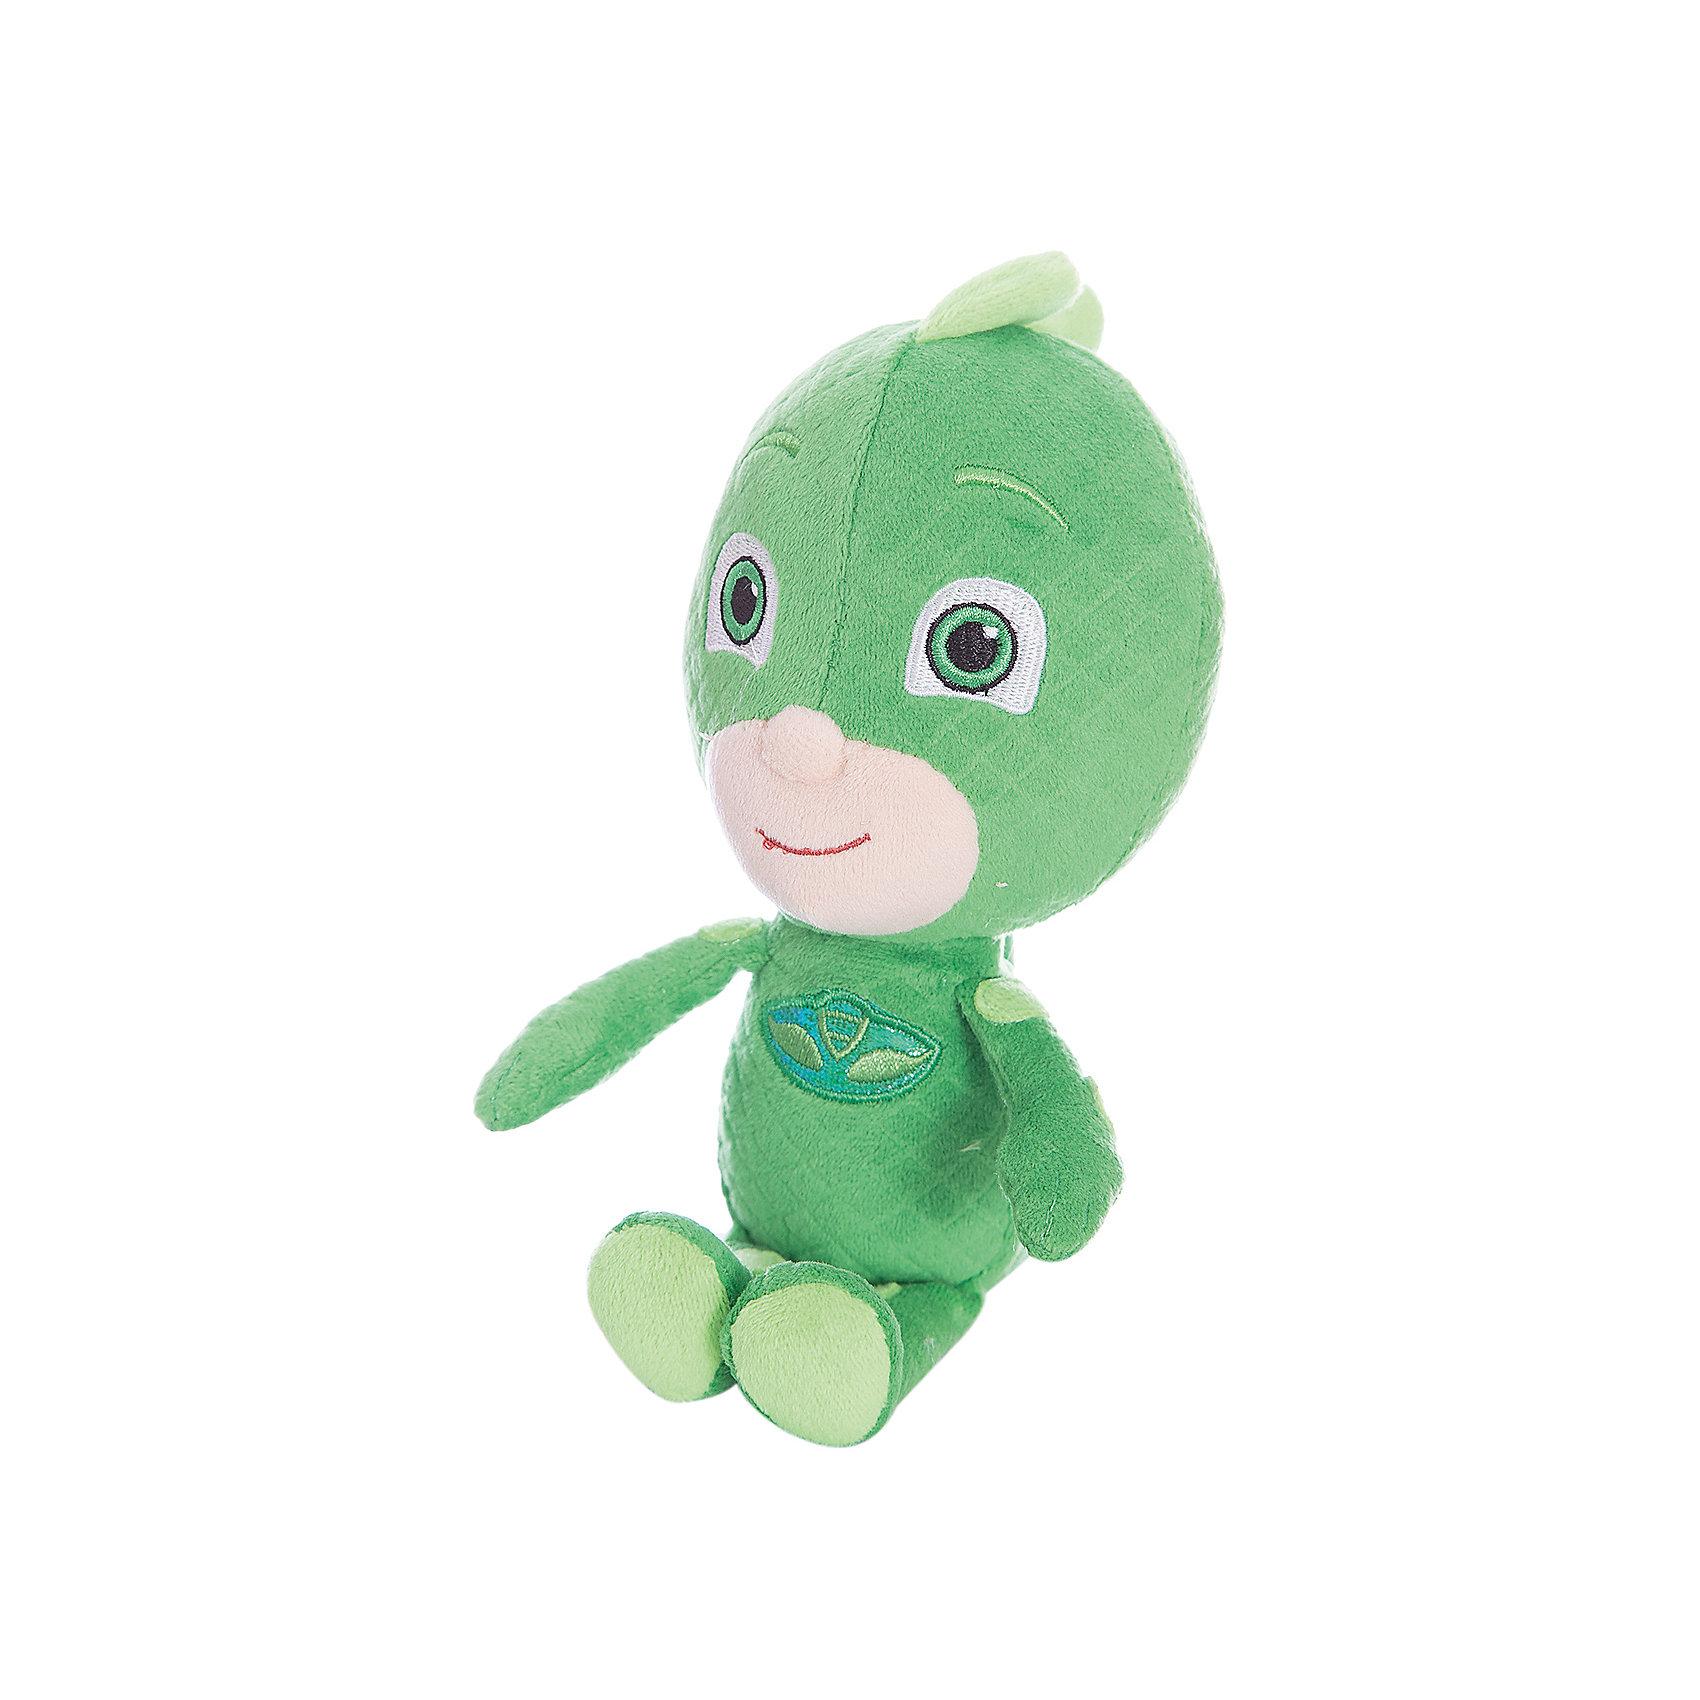 Мягкая игрушка Гекко, Герои в масках,  20 см.Любимые герои<br>Мягкая игрушка Гекко - персонаж мультфильма Герои в масках - с удовольствием составит вашему малышу компанию в веселых играх, помогая ему развивать фантазию, речь, тактильное и цветовое восприятие и многое другое. А чтобы игры были еще интереснее, вы можете приобрести других героев мультфильма: Алетт, Кэтбоя и Ромео.&#13;<br>Мягкая игрушка Гекко ТМ Герои в масках высотой 20 см сшита из качественных текстильных материалов, декорирована вышивкой, снизу наполнена шариками антистресс для устойчивости. Товар сертифицирован.<br><br>Ширина мм: 80<br>Глубина мм: 70<br>Высота мм: 200<br>Вес г: 97<br>Возраст от месяцев: 36<br>Возраст до месяцев: 2147483647<br>Пол: Унисекс<br>Возраст: Детский<br>SKU: 5577970